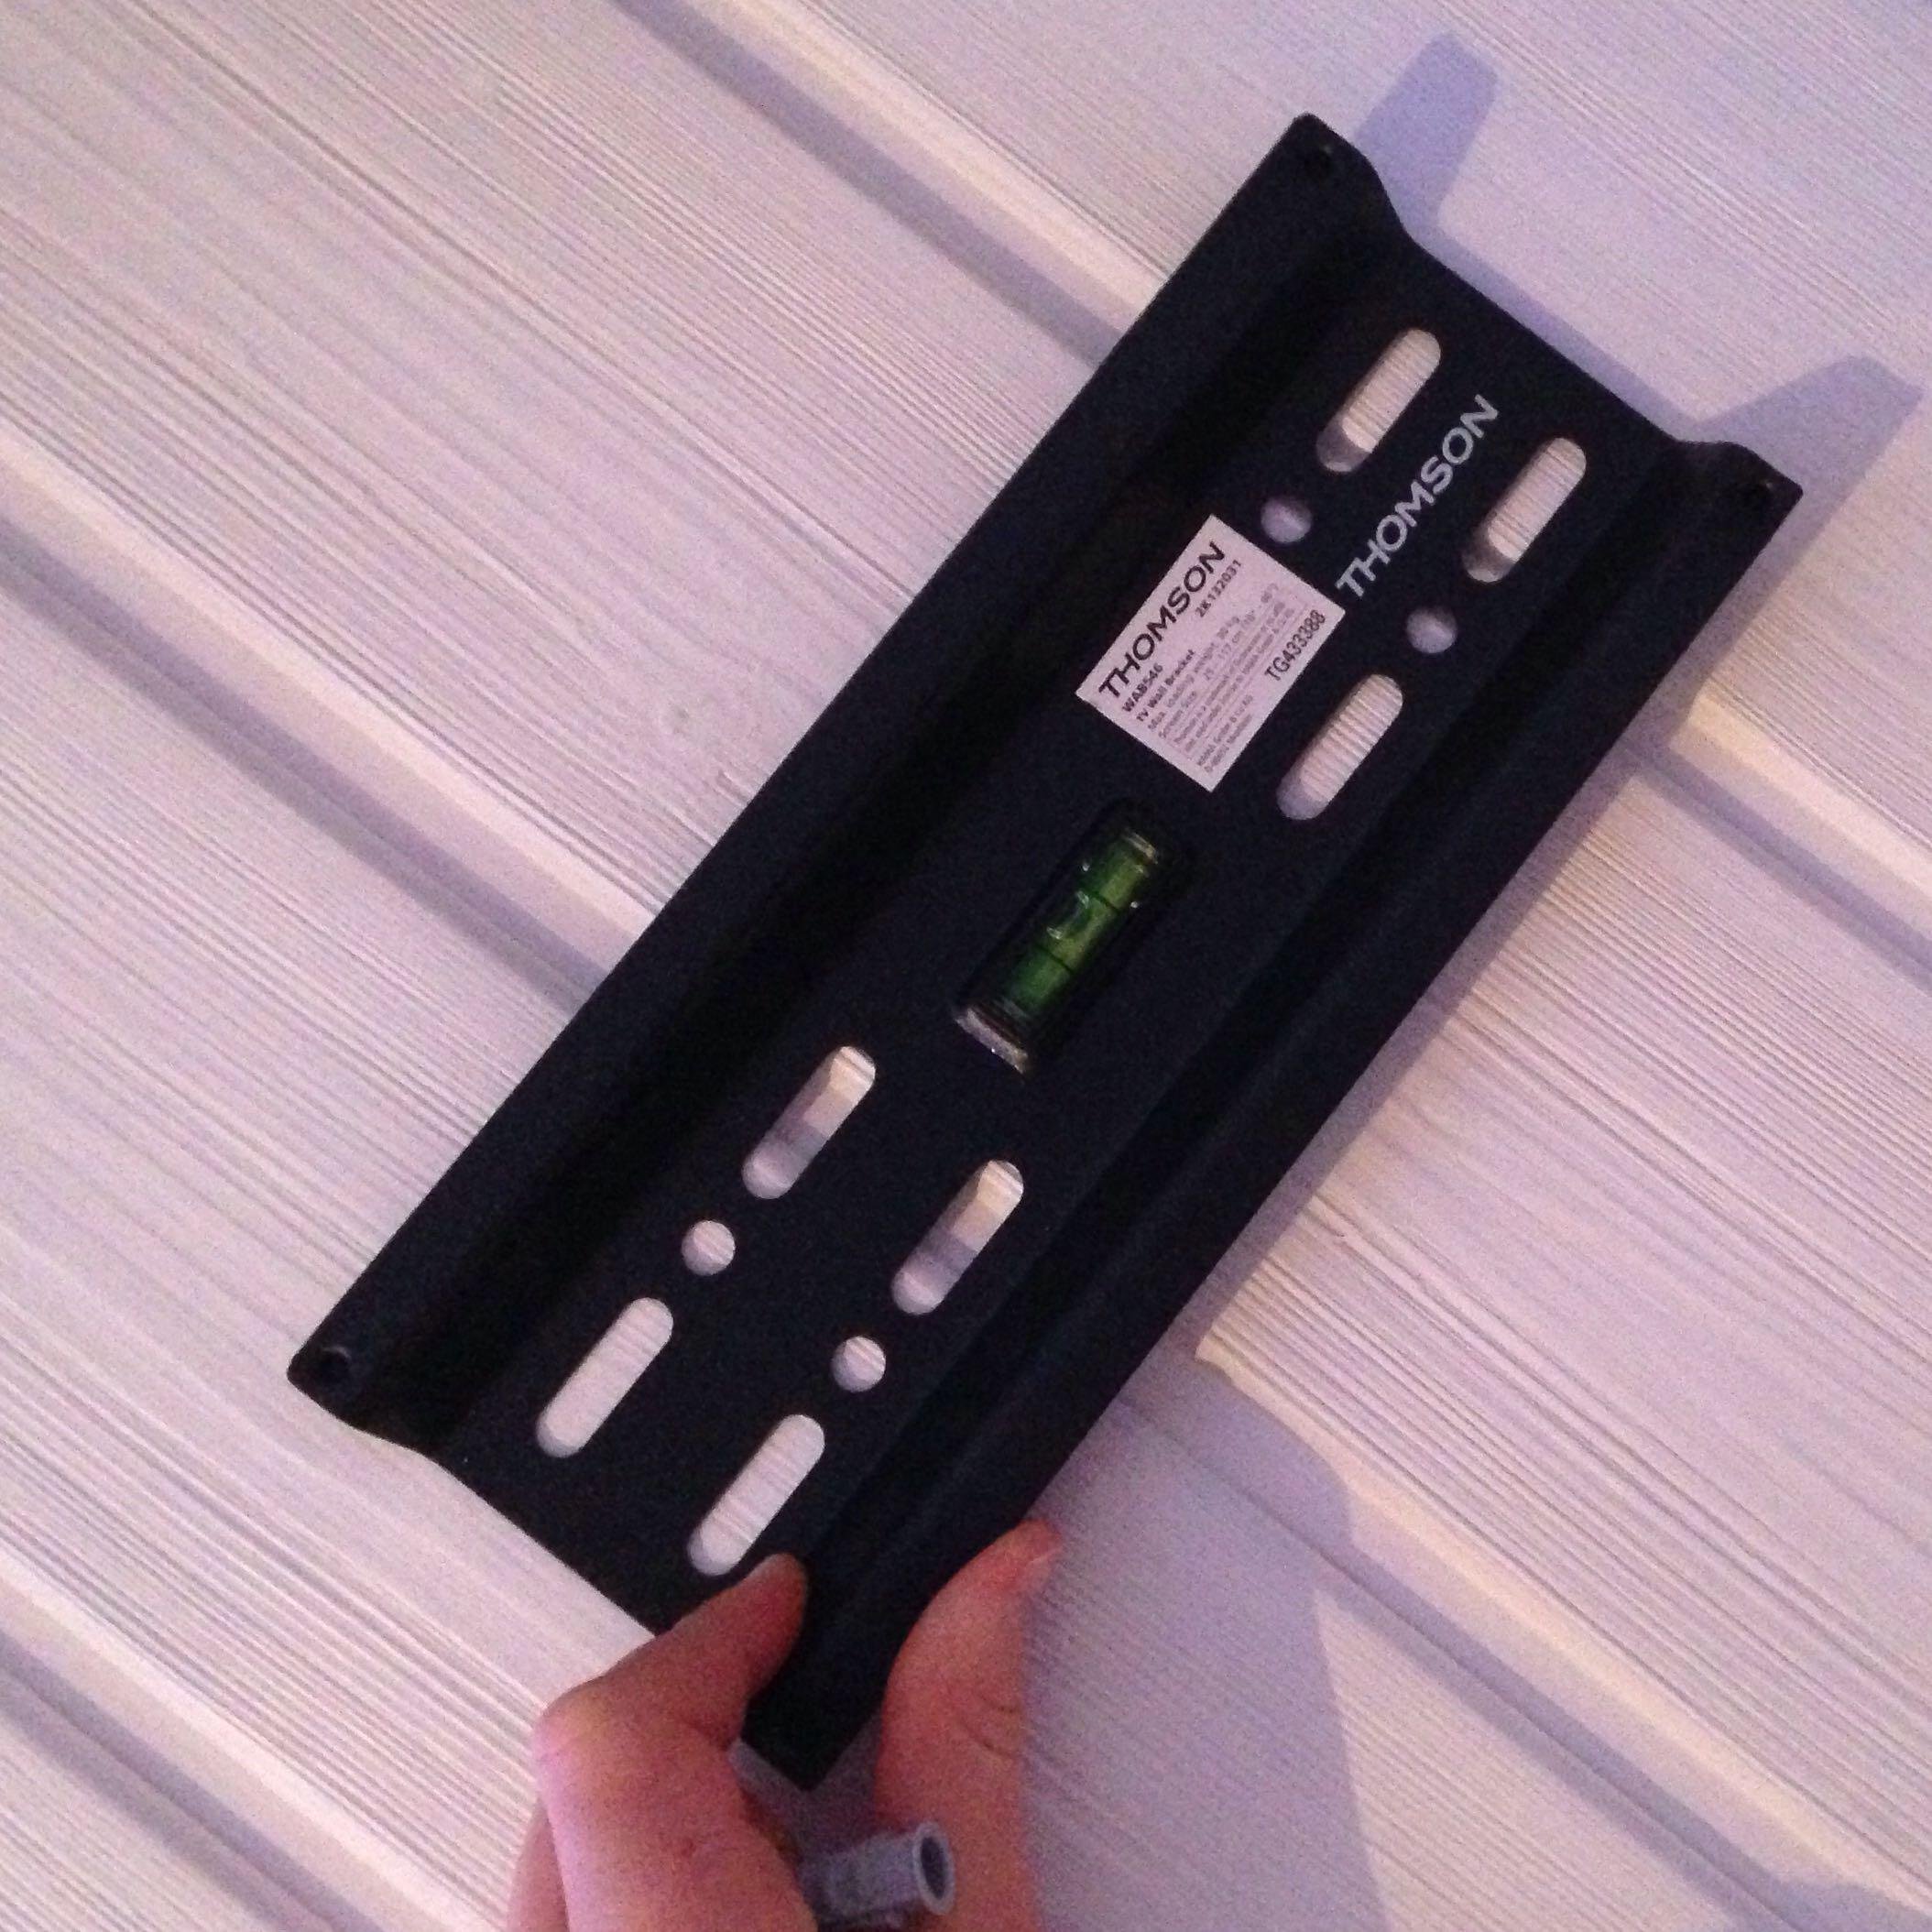 d bel benutzen bei holzplatte schrauben wandhalterung duebel. Black Bedroom Furniture Sets. Home Design Ideas